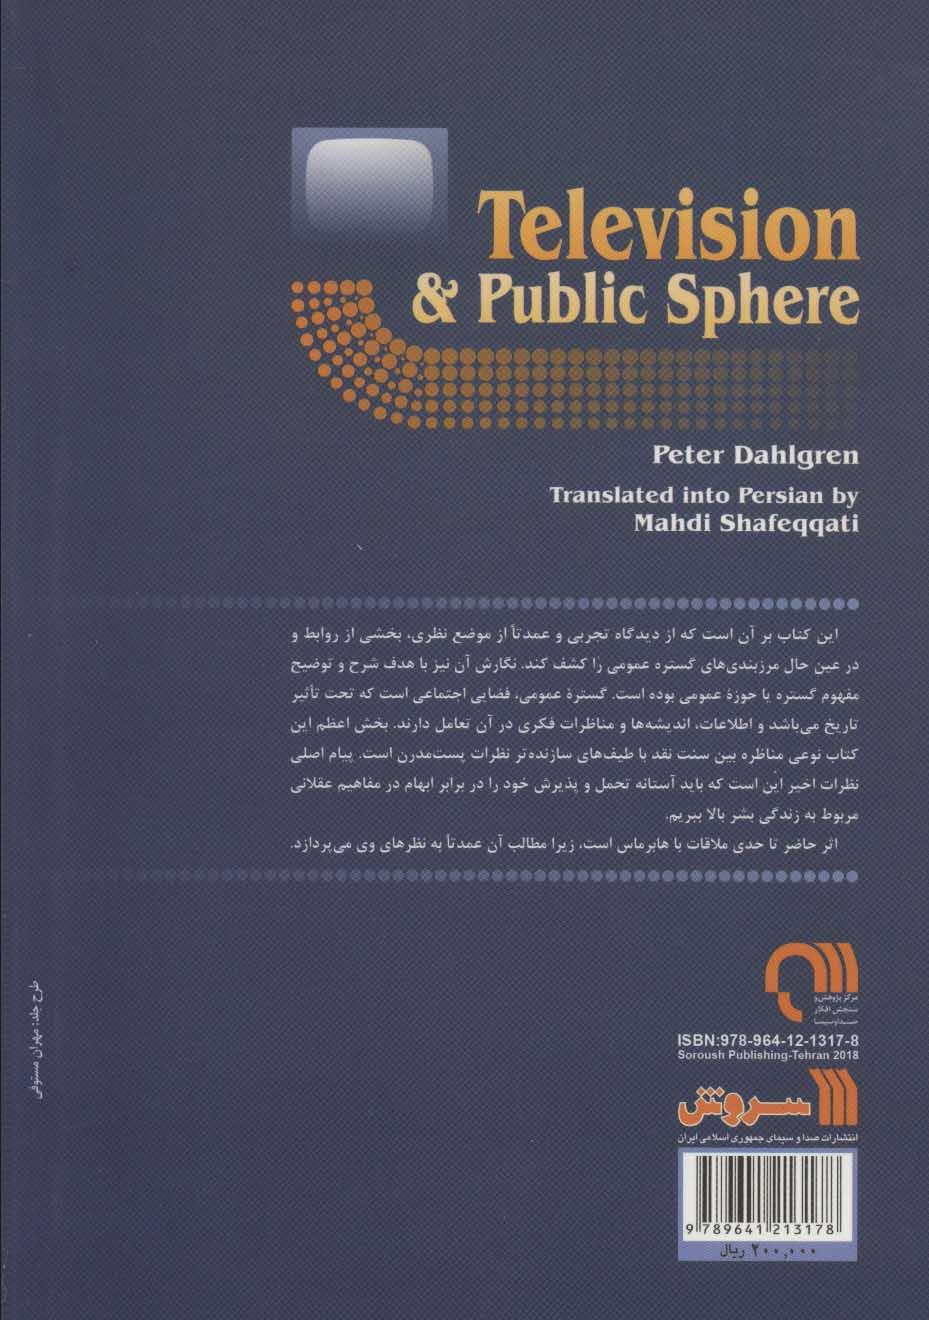 تلویزیون و گستره عمومی (جامعه مدنی و رسانه های گروهی)